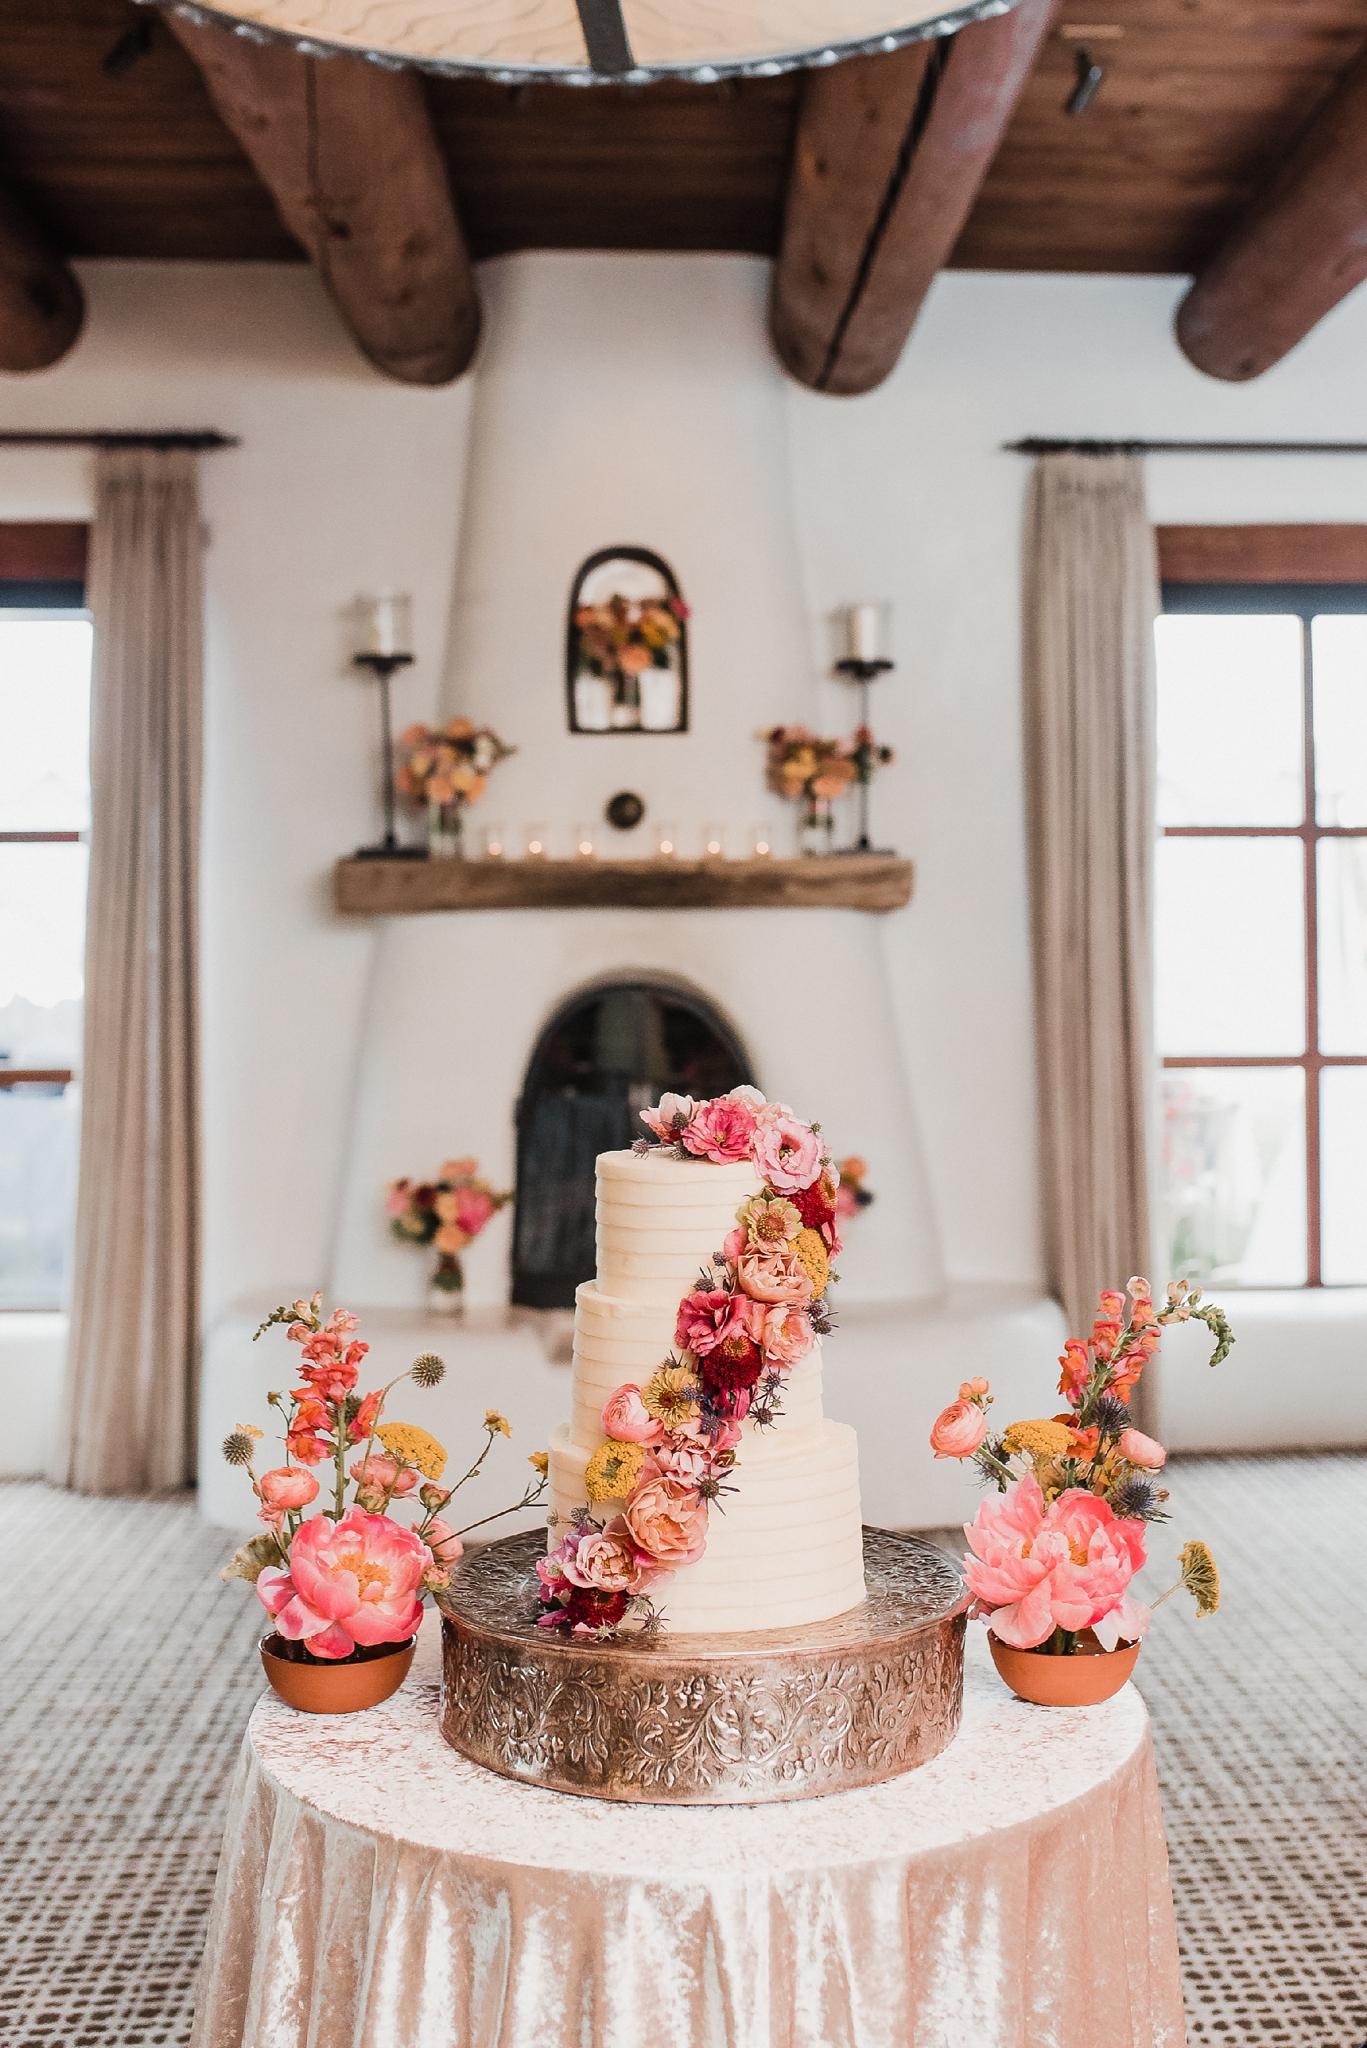 Alicia+lucia+photography+-+albuquerque+wedding+photographer+-+santa+fe+wedding+photography+-+new+mexico+wedding+photographer+-+new+mexico+wedding+-+las+campanas+wedding+-+santa+fe+wedding+-+maximalist+wedding+-+destination+wedding_0142.jpg